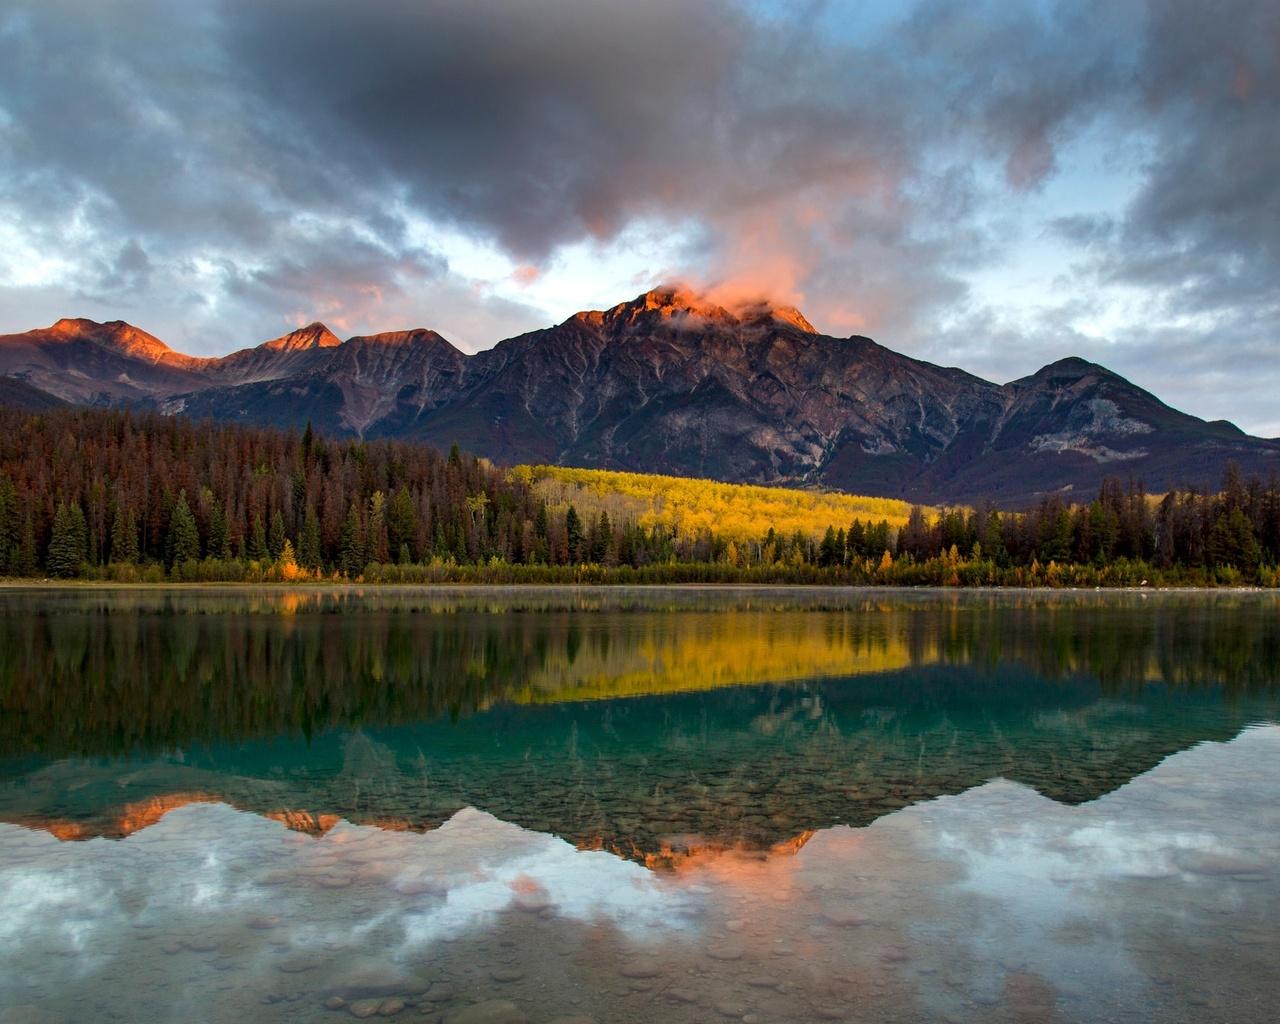 горы, озеро, лес, небо, отражение